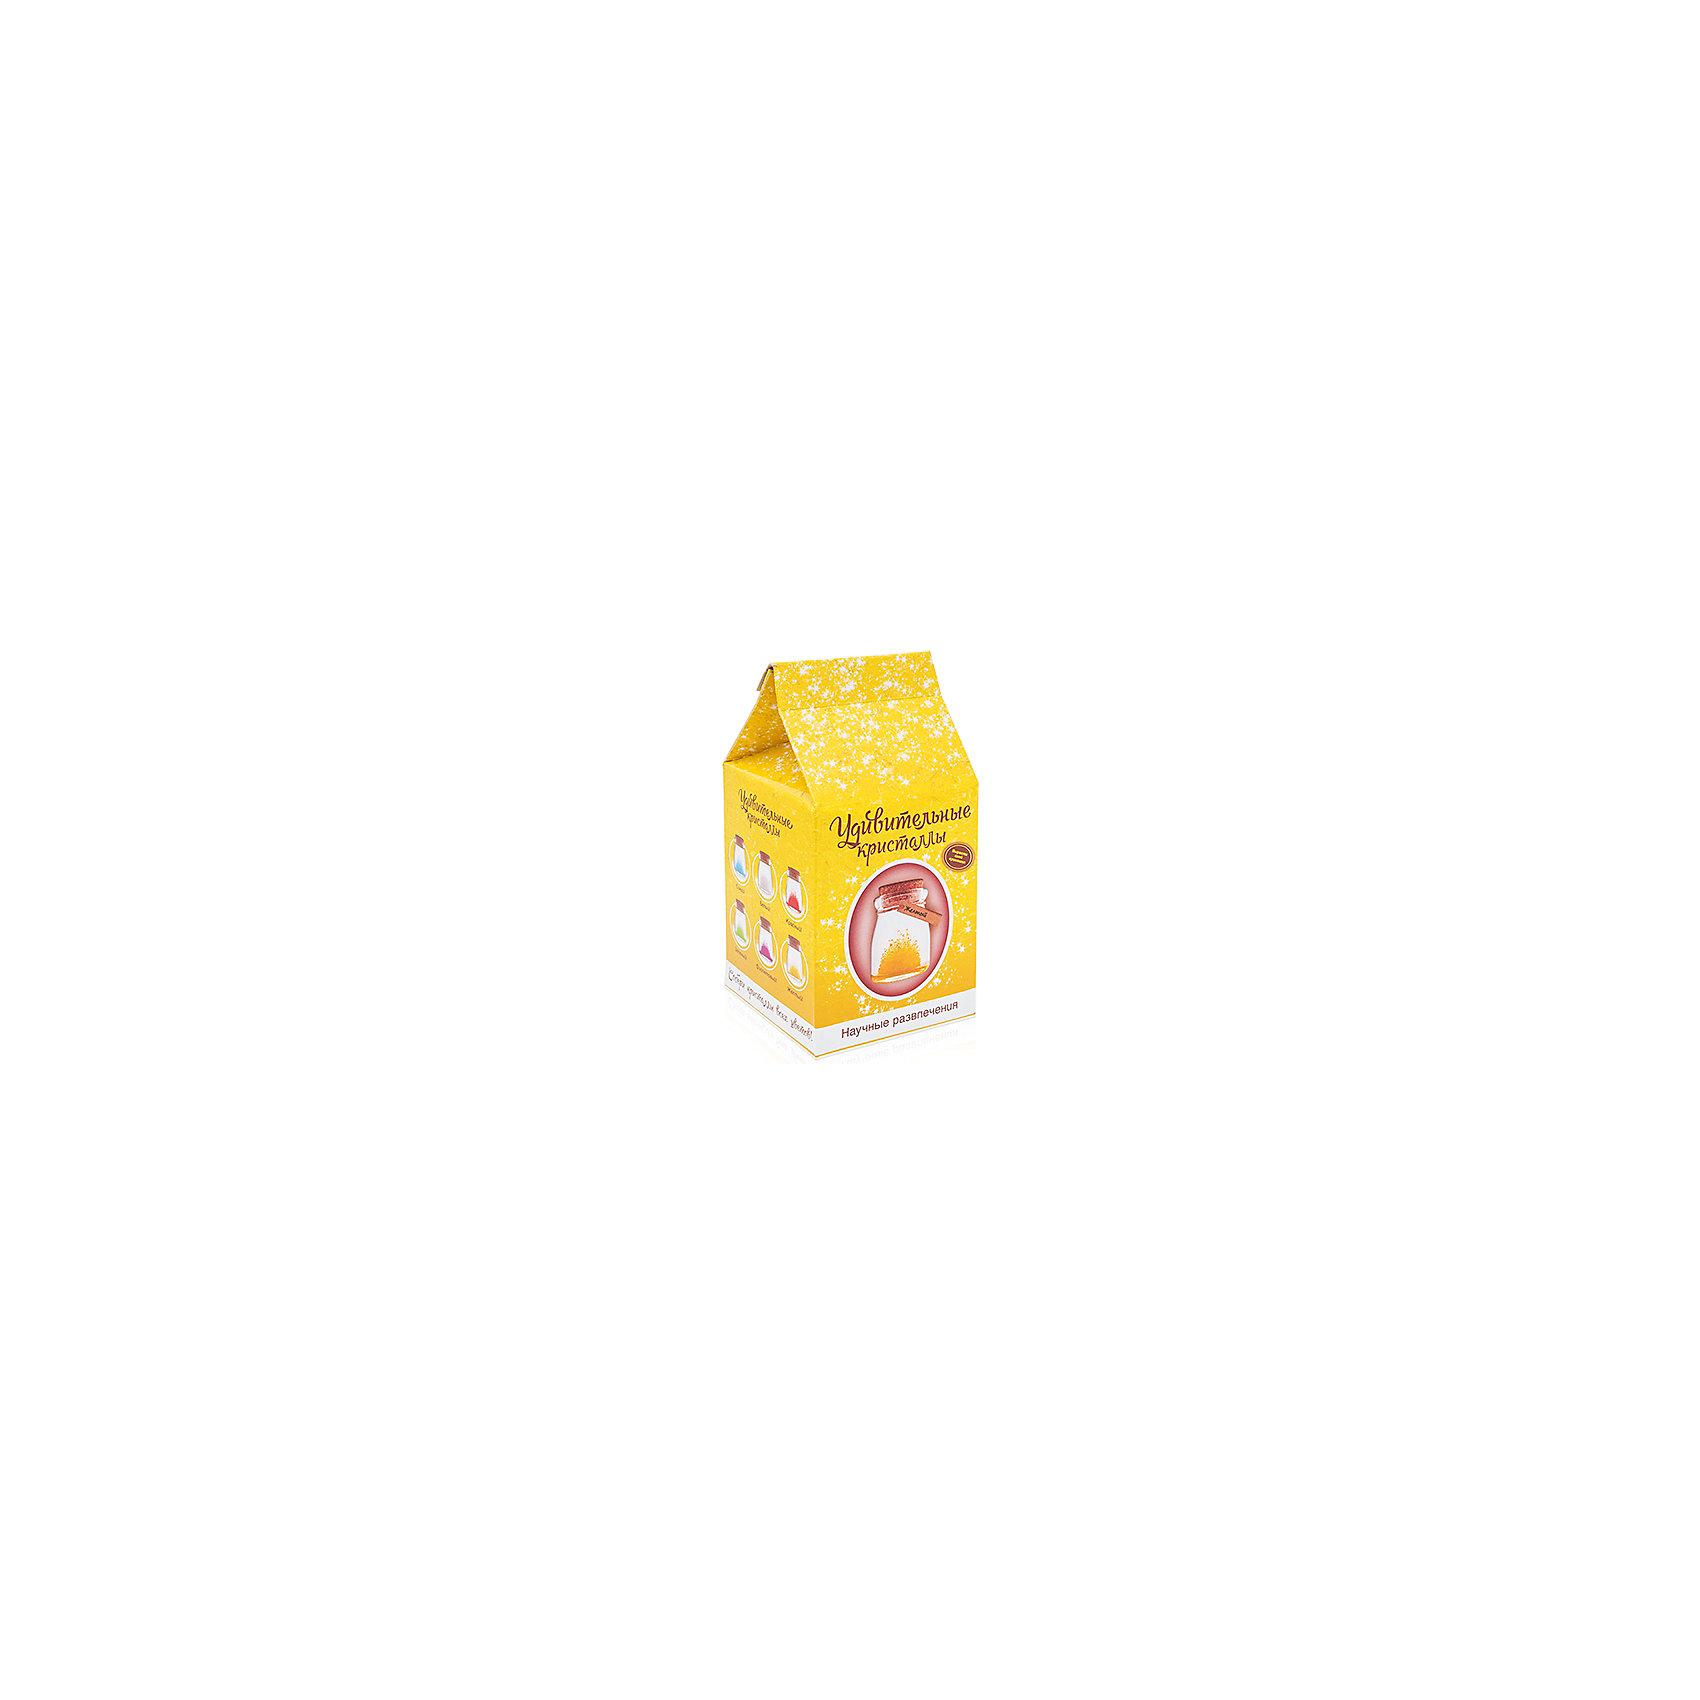 Набор для выращивания кристаллов Удивительный кристалл - Желтый БумбарамКристаллы<br>Удивительный кристалл - Желтый, Бумбарам<br><br>Характеристики:<br><br>• прост в использовании<br>• пошаговая инструкция<br>• безопасные материалы<br>• привлекательная упаковка <br>• можно следить за процессом<br>• в наборе: баночка, кристаллический порошок, кристаллическая таблетка, палочка, веревочка, пробка, карточка, инструкция<br>• размер упаковки: 15х8 см<br>• вес: 250 грамм<br>• цвет: синий<br><br>Удивительный кристалл - набор для творчества. Он хорошо развивает усидчивость и внимательность. С его помощью ребенок сможет сделать прекрасный подарок своими руками. Инструкция очень проста: нужно налить воды в баночку, добавить в нее порошок и тщательно перемешать. Затем положить волшебную таблетку и закрыть баночку крышкой. Через несколько часов можно снять крышку. Через 14-20 дней волшебный кристалл готов! Готовая композиция особенно красиво смотрится под лампой. Удивительный кристалл - прекрасный выбор для начинающего алхимика!<br><br>Удивительный кристалл - Желтый, Бумбарам вы можете приобрести в нашем интернет-магазине.<br><br>Ширина мм: 75<br>Глубина мм: 75<br>Высота мм: 150<br>Вес г: 250<br>Возраст от месяцев: 168<br>Возраст до месяцев: 240<br>Пол: Унисекс<br>Возраст: Детский<br>SKU: 5053955